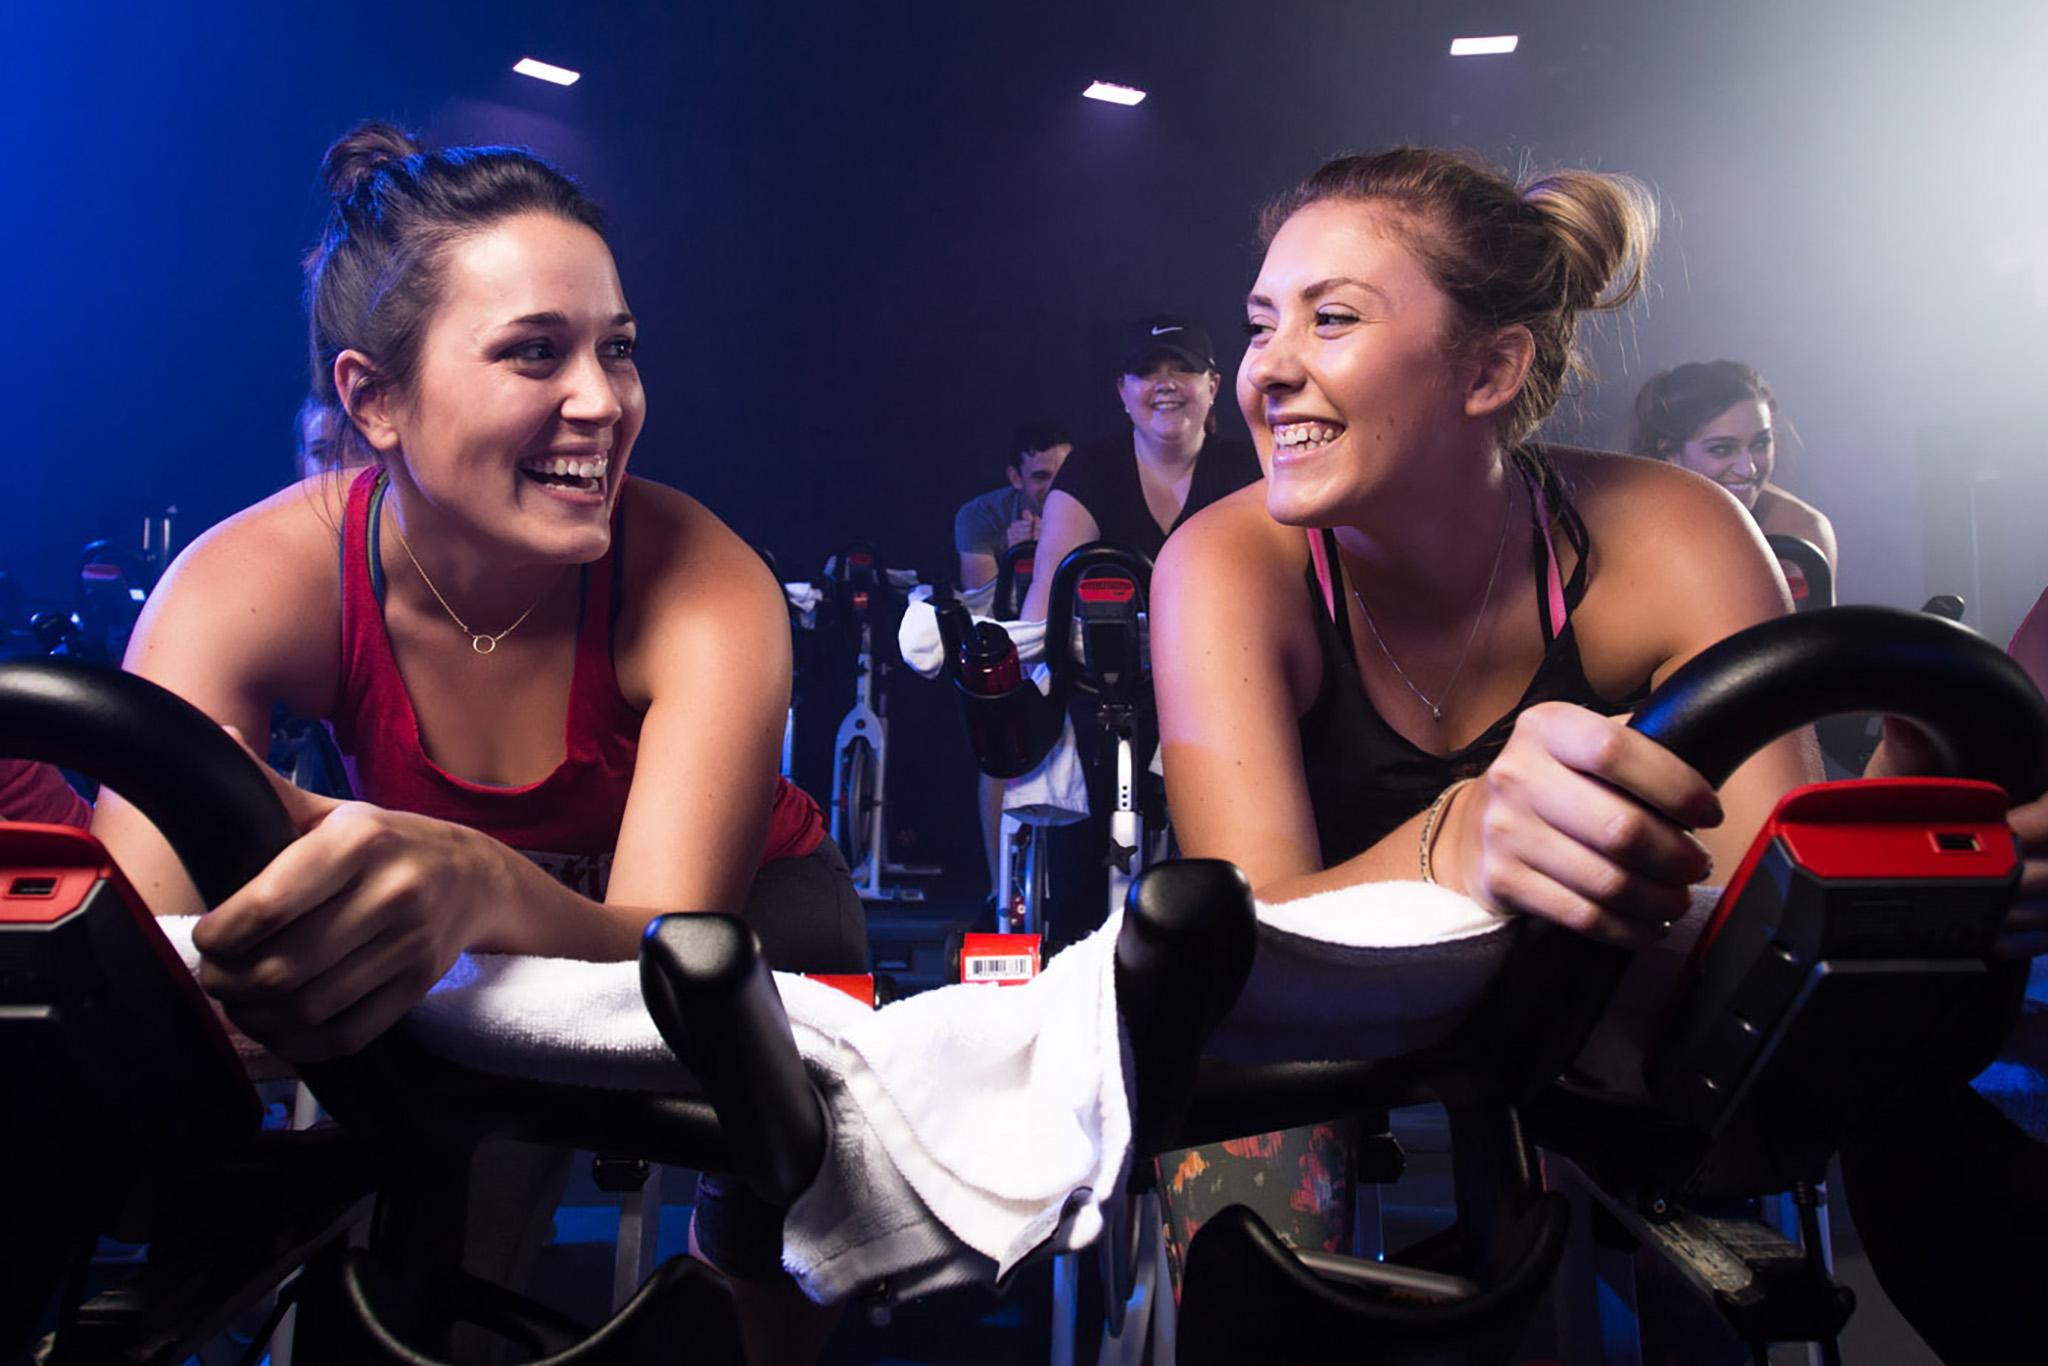 ladies spinning